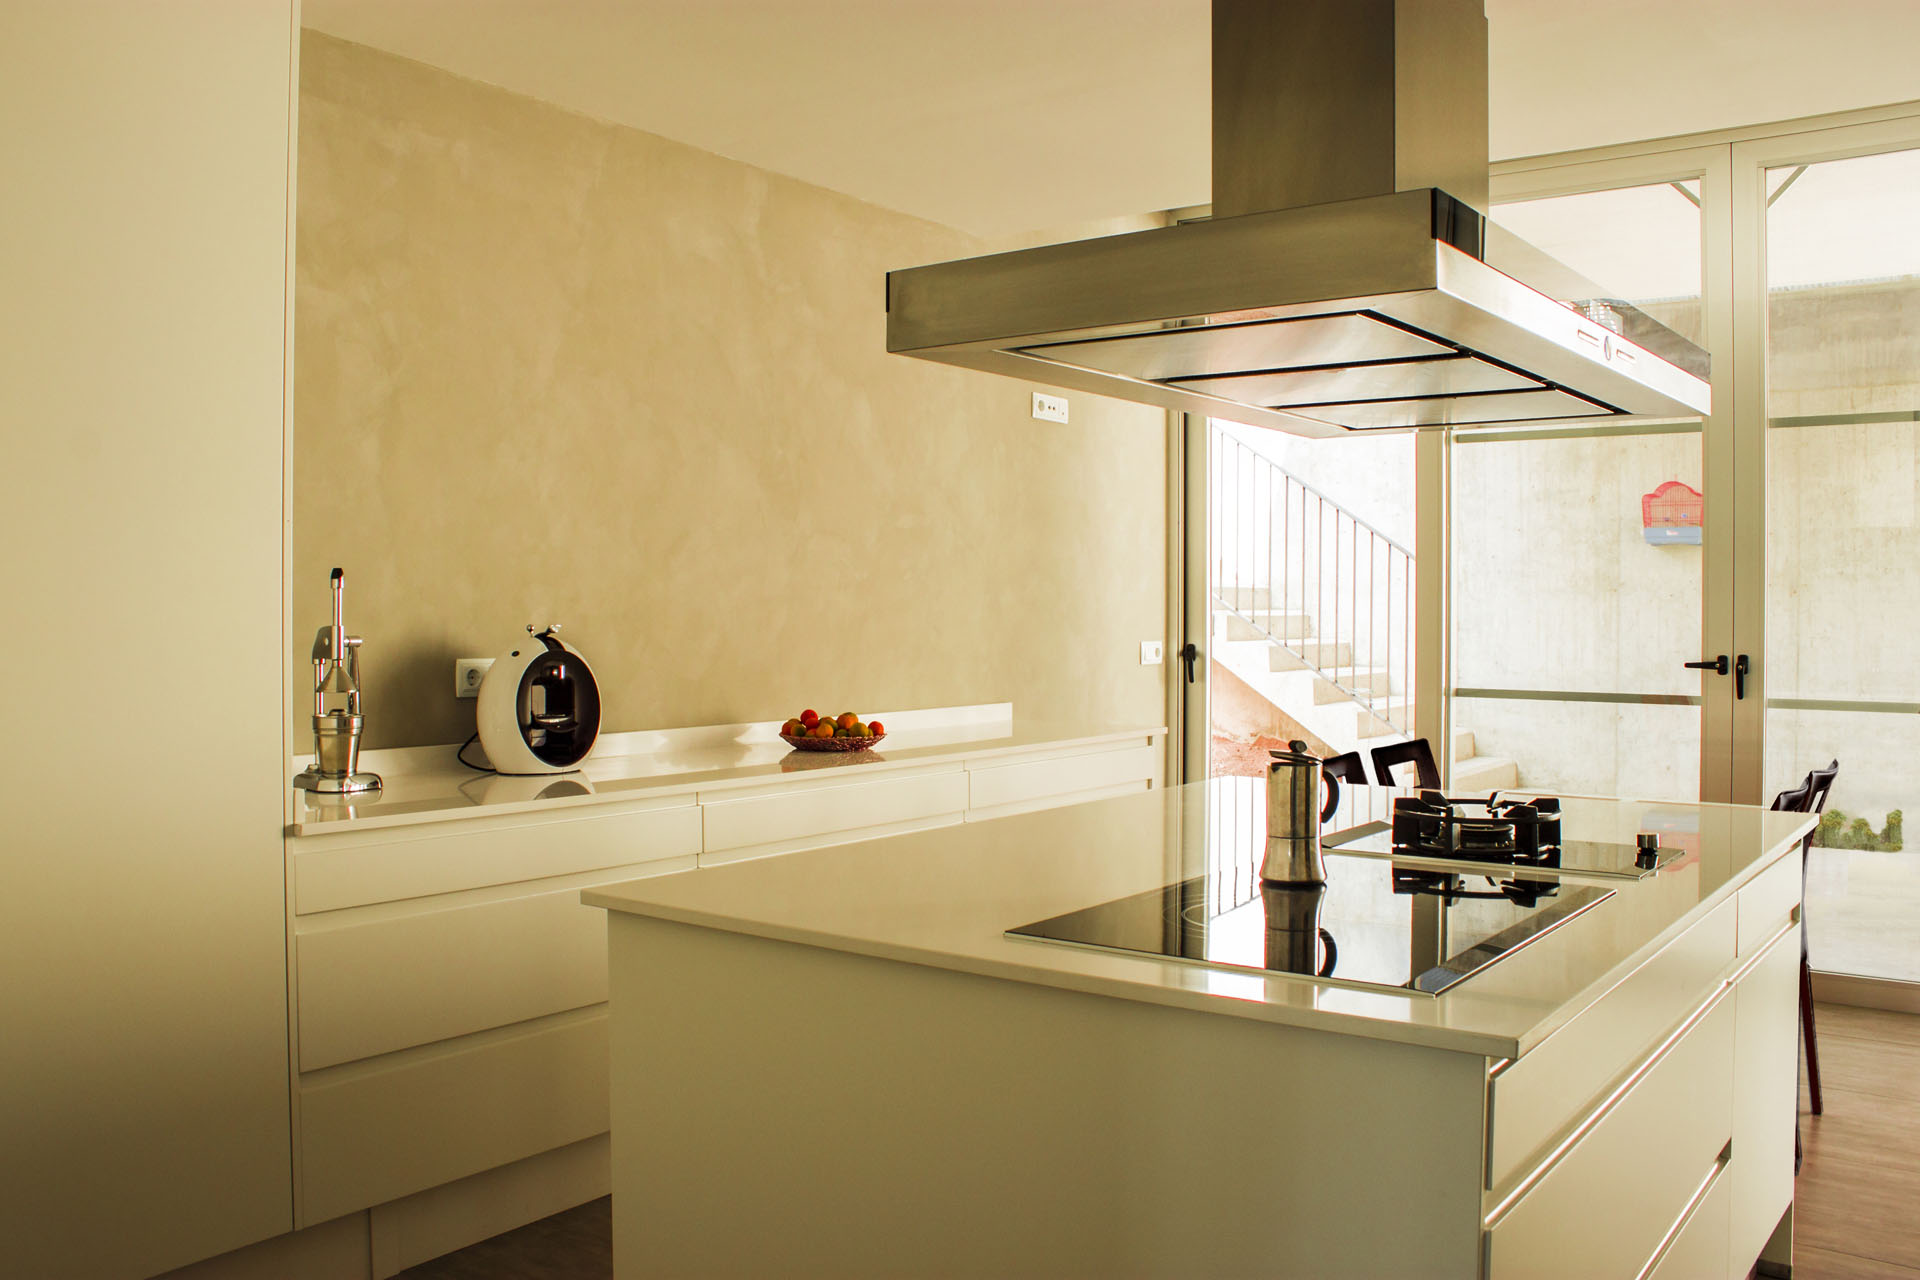 Vivienda unifamiliar tipo loft en monte horquera for Cocinas modernas valencia